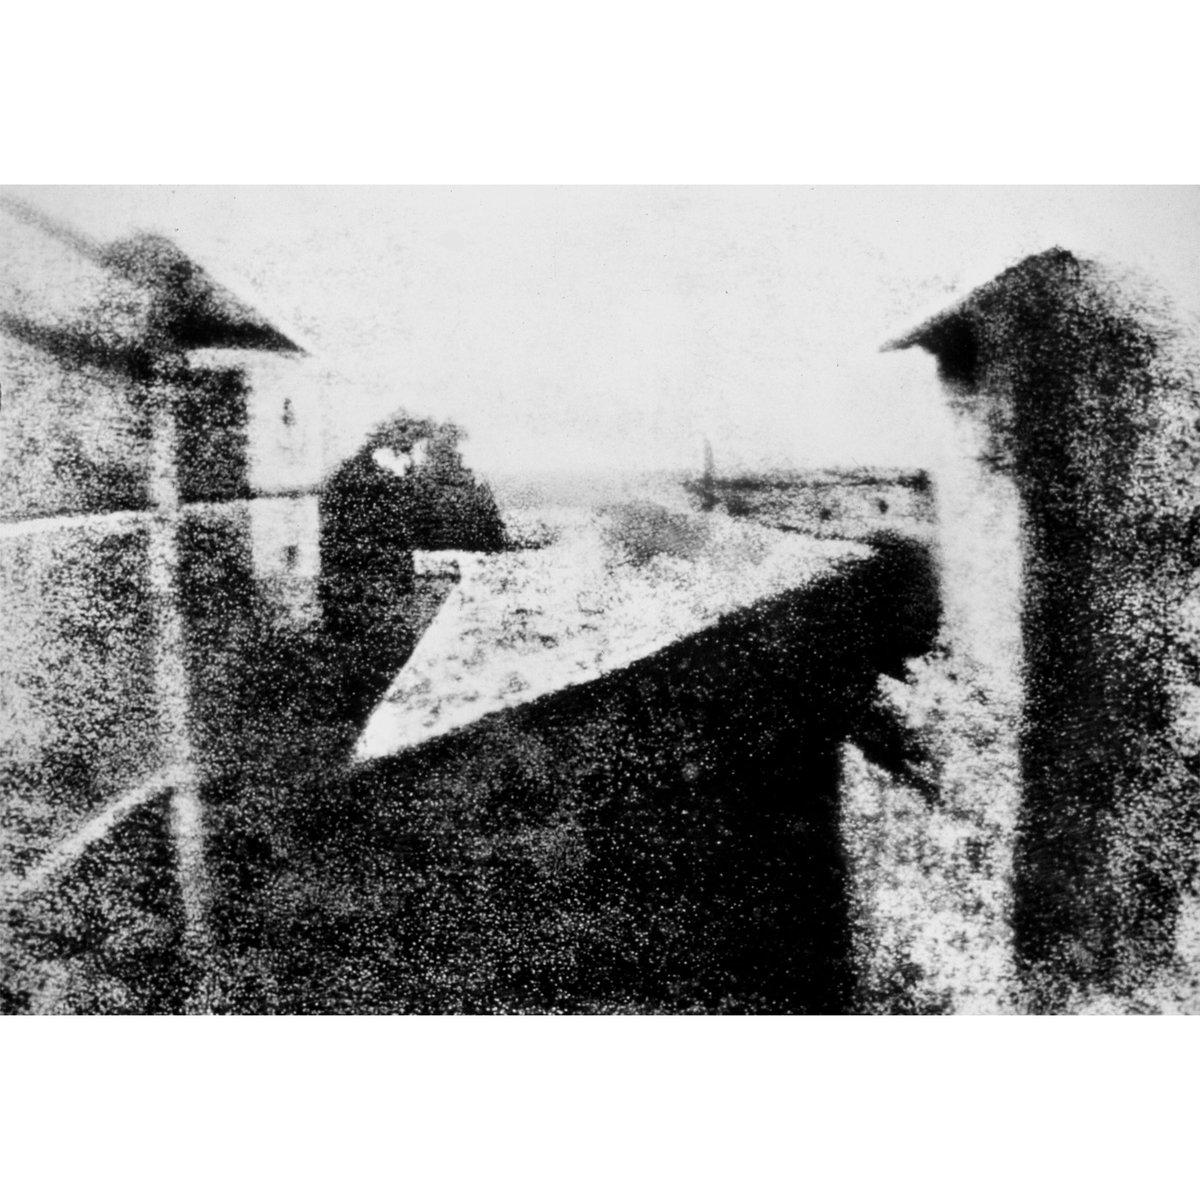 Yeryüzünde çekilen ilk fotoğraf, Joseph Nicéphore Niépce tarafından 1826 yılında Fransa'da elde edilmiştir. Niépce, kendi imkanları ile yaptığı bir Camera Obscura'nın içersine yerleştirdiği asfalt kaplı çinko ile, 8 saat süreyle pozlayarak bu görüntüyü elde etmiştir. #firstphoto pic.twitter.com/CXzcpS9CKI